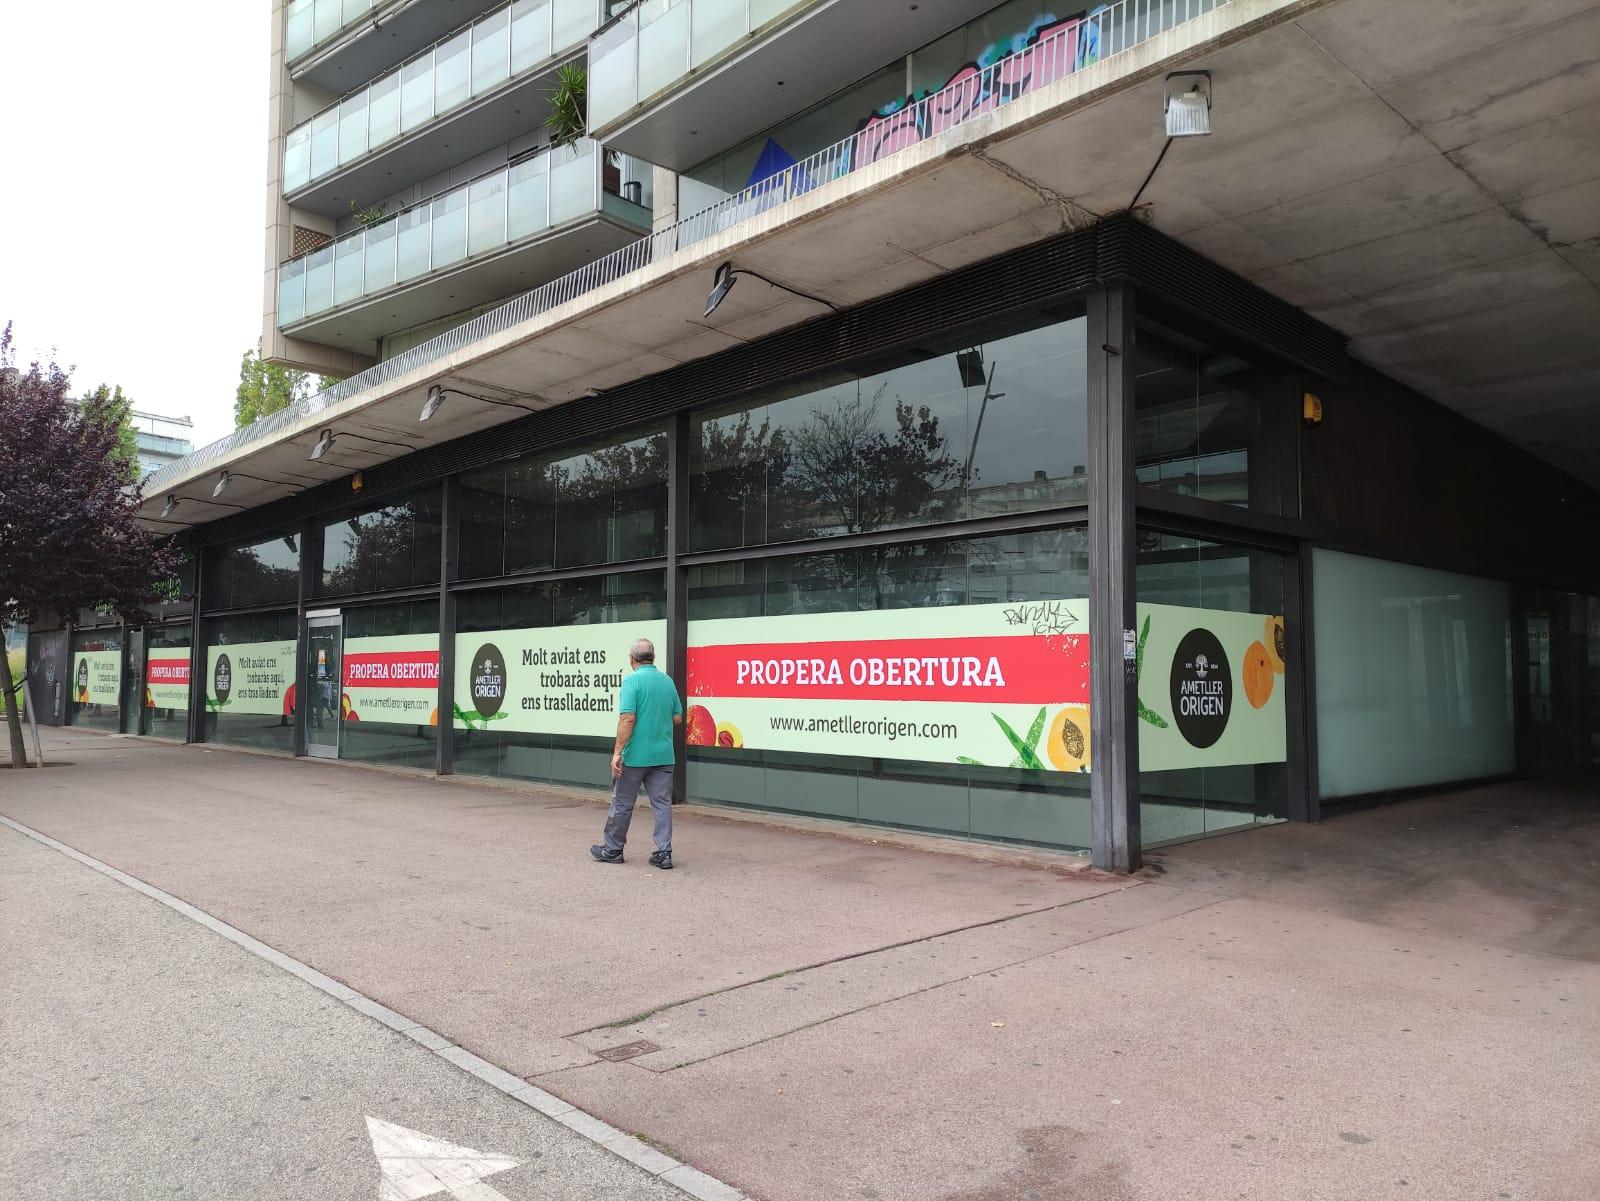 La botiga d'Ametller Origen al passeig 22 de juliol de Terrassa    Rosa Prat